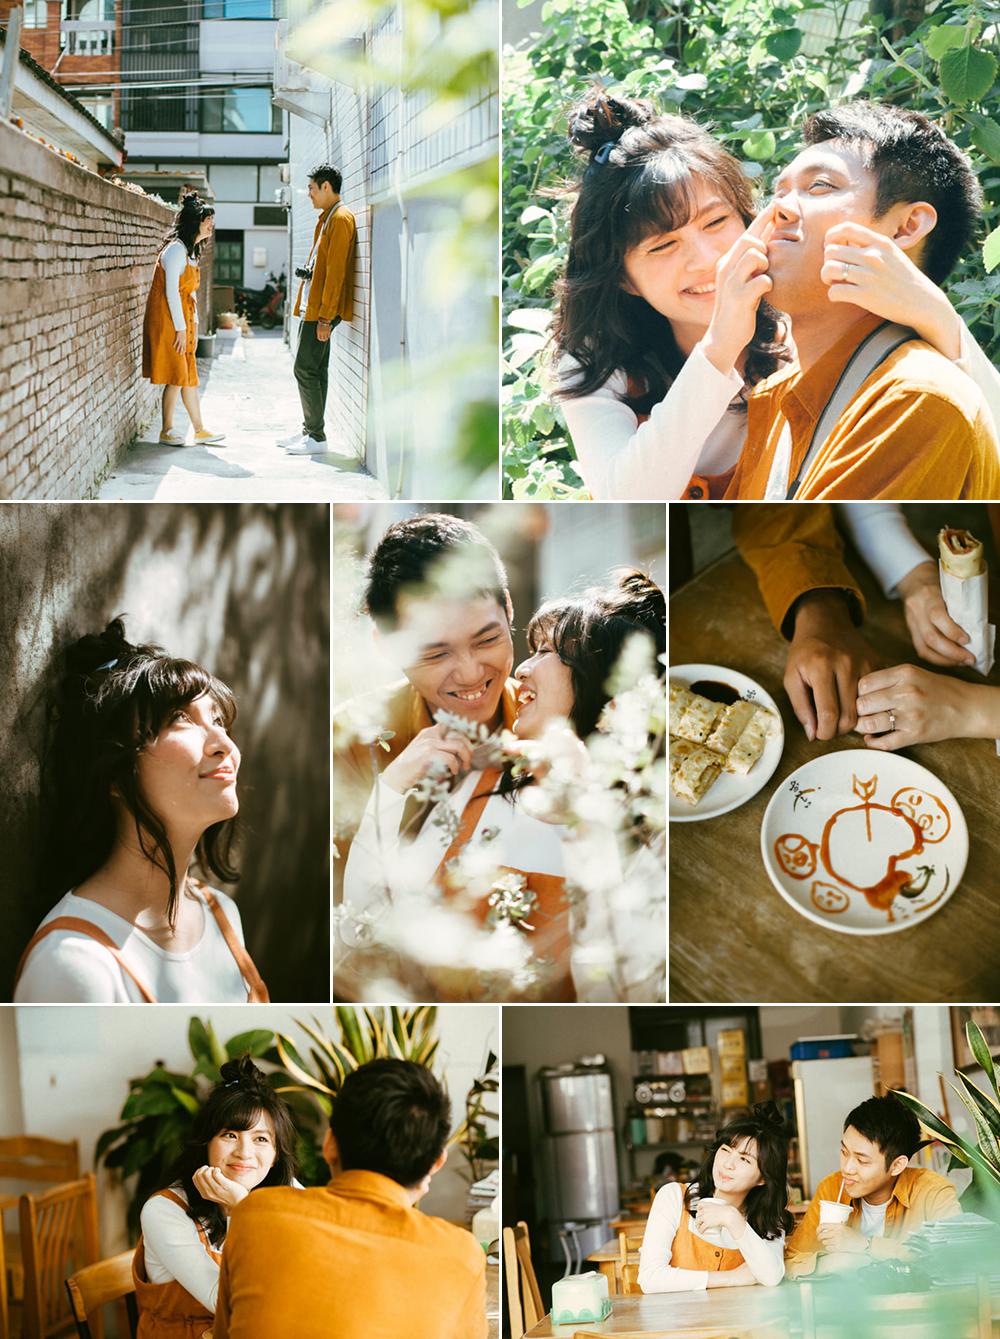 故事感婚紗照